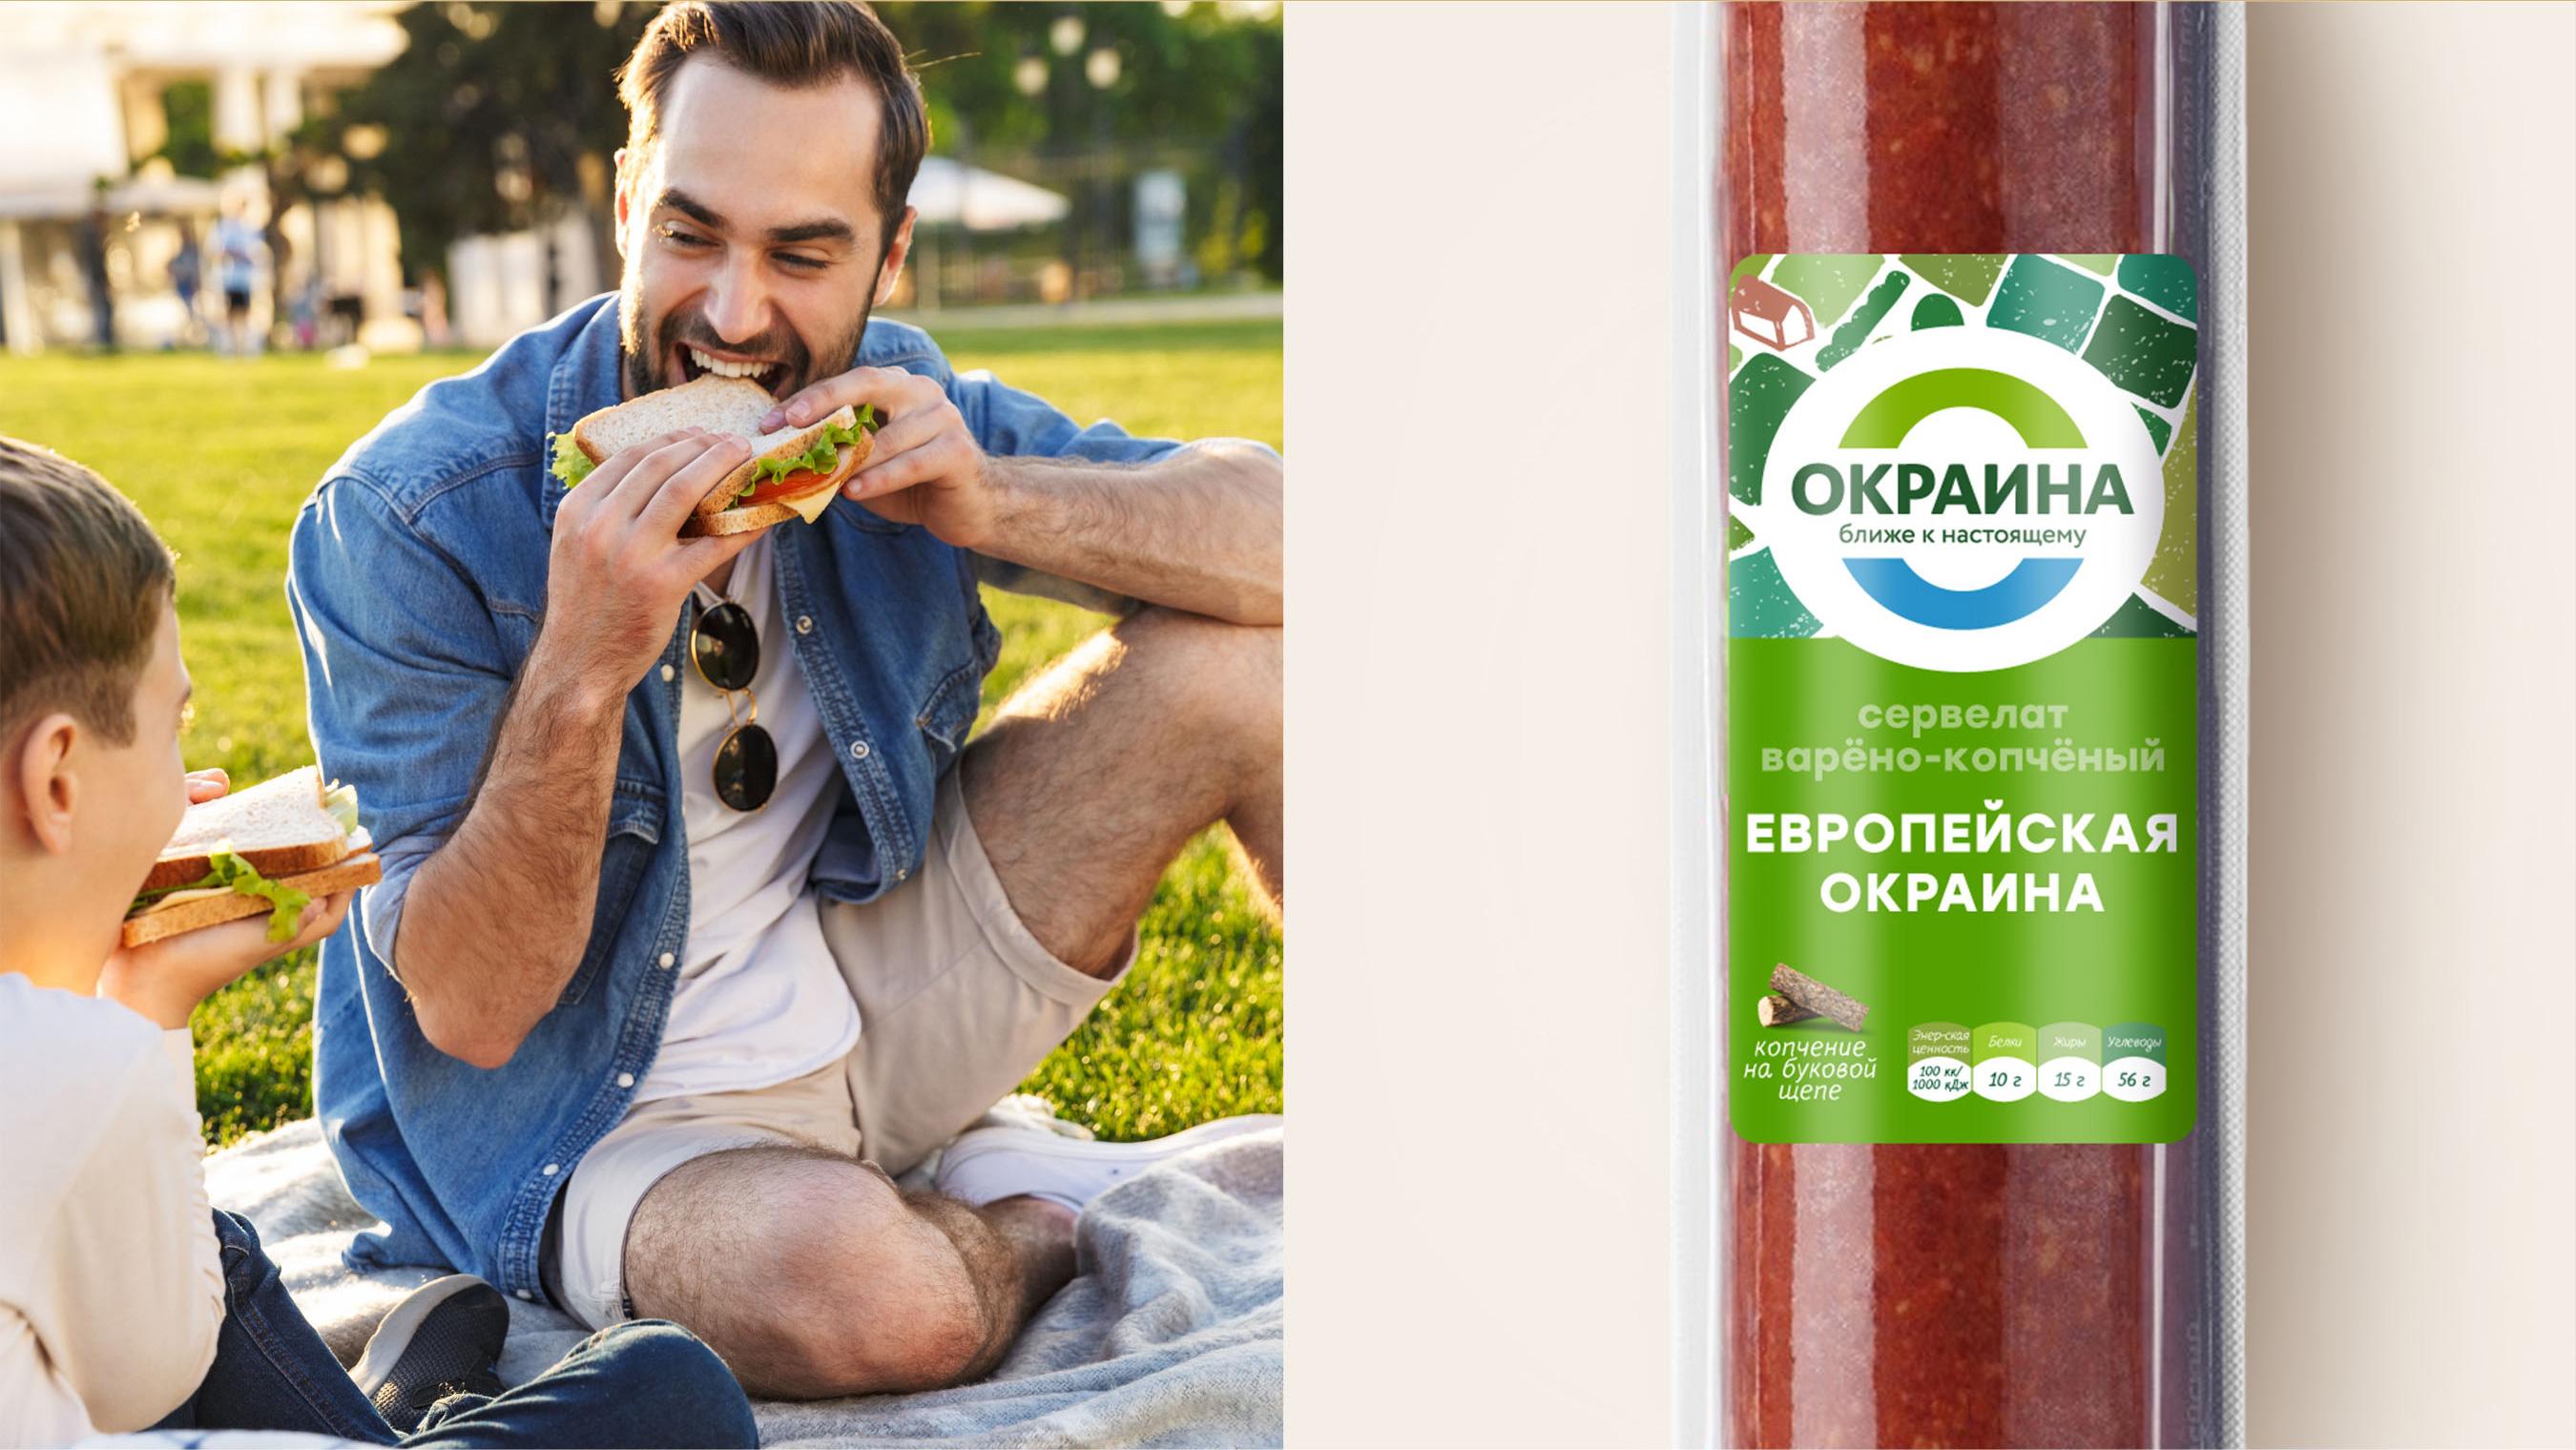 Разработанный дизайн логотипа бренда «Окраина» легко используется на упаковке